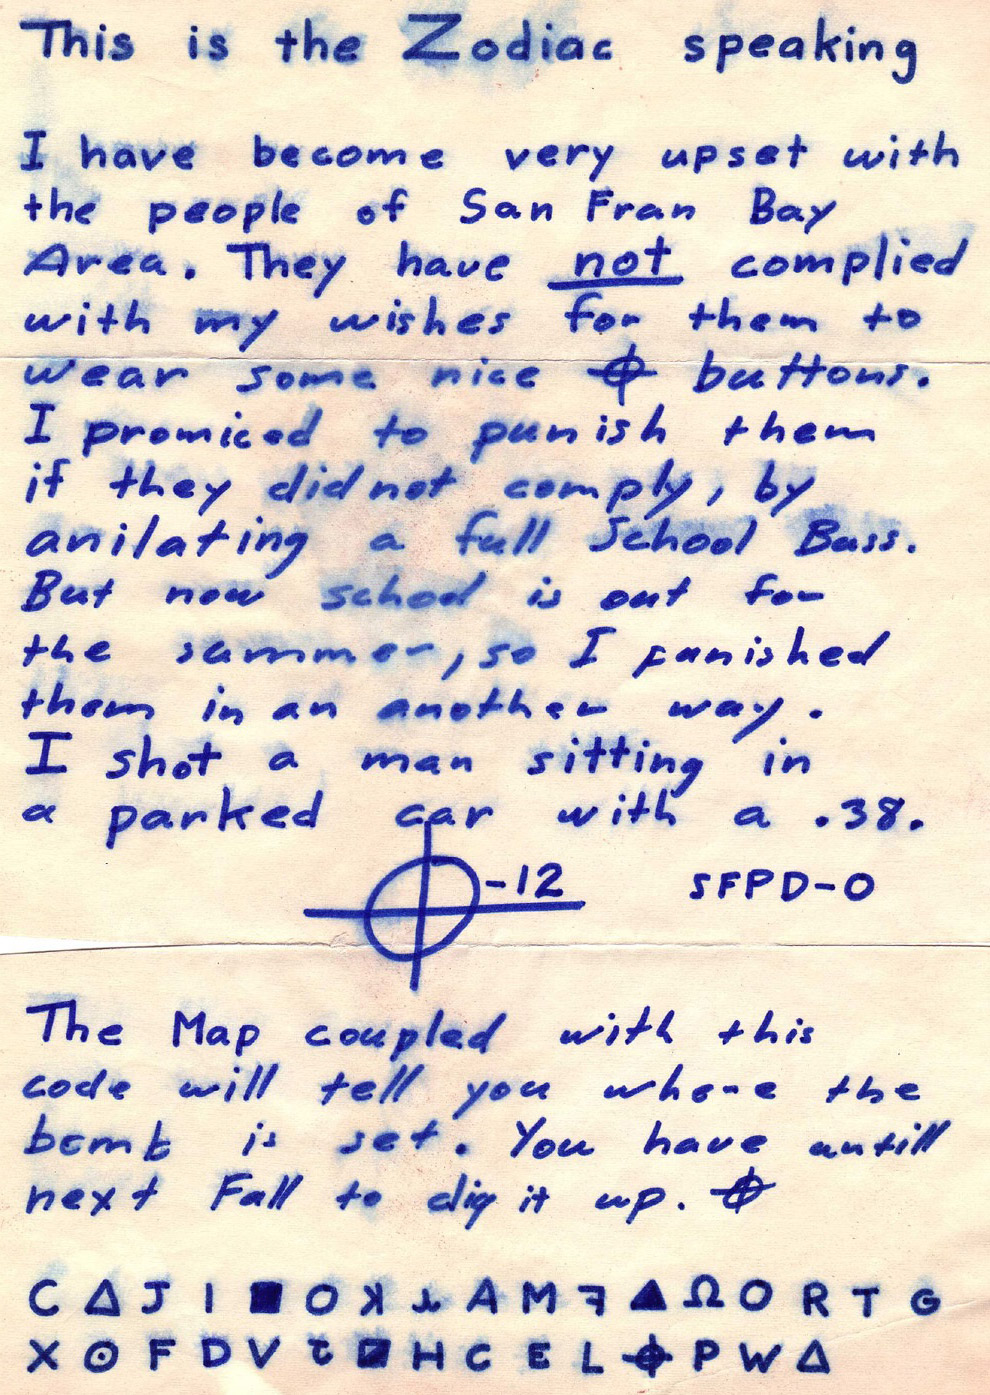 Зодиак совершал убийства в период с декабря 1968 по октябрь 1969 года. Согласно заявлениям само